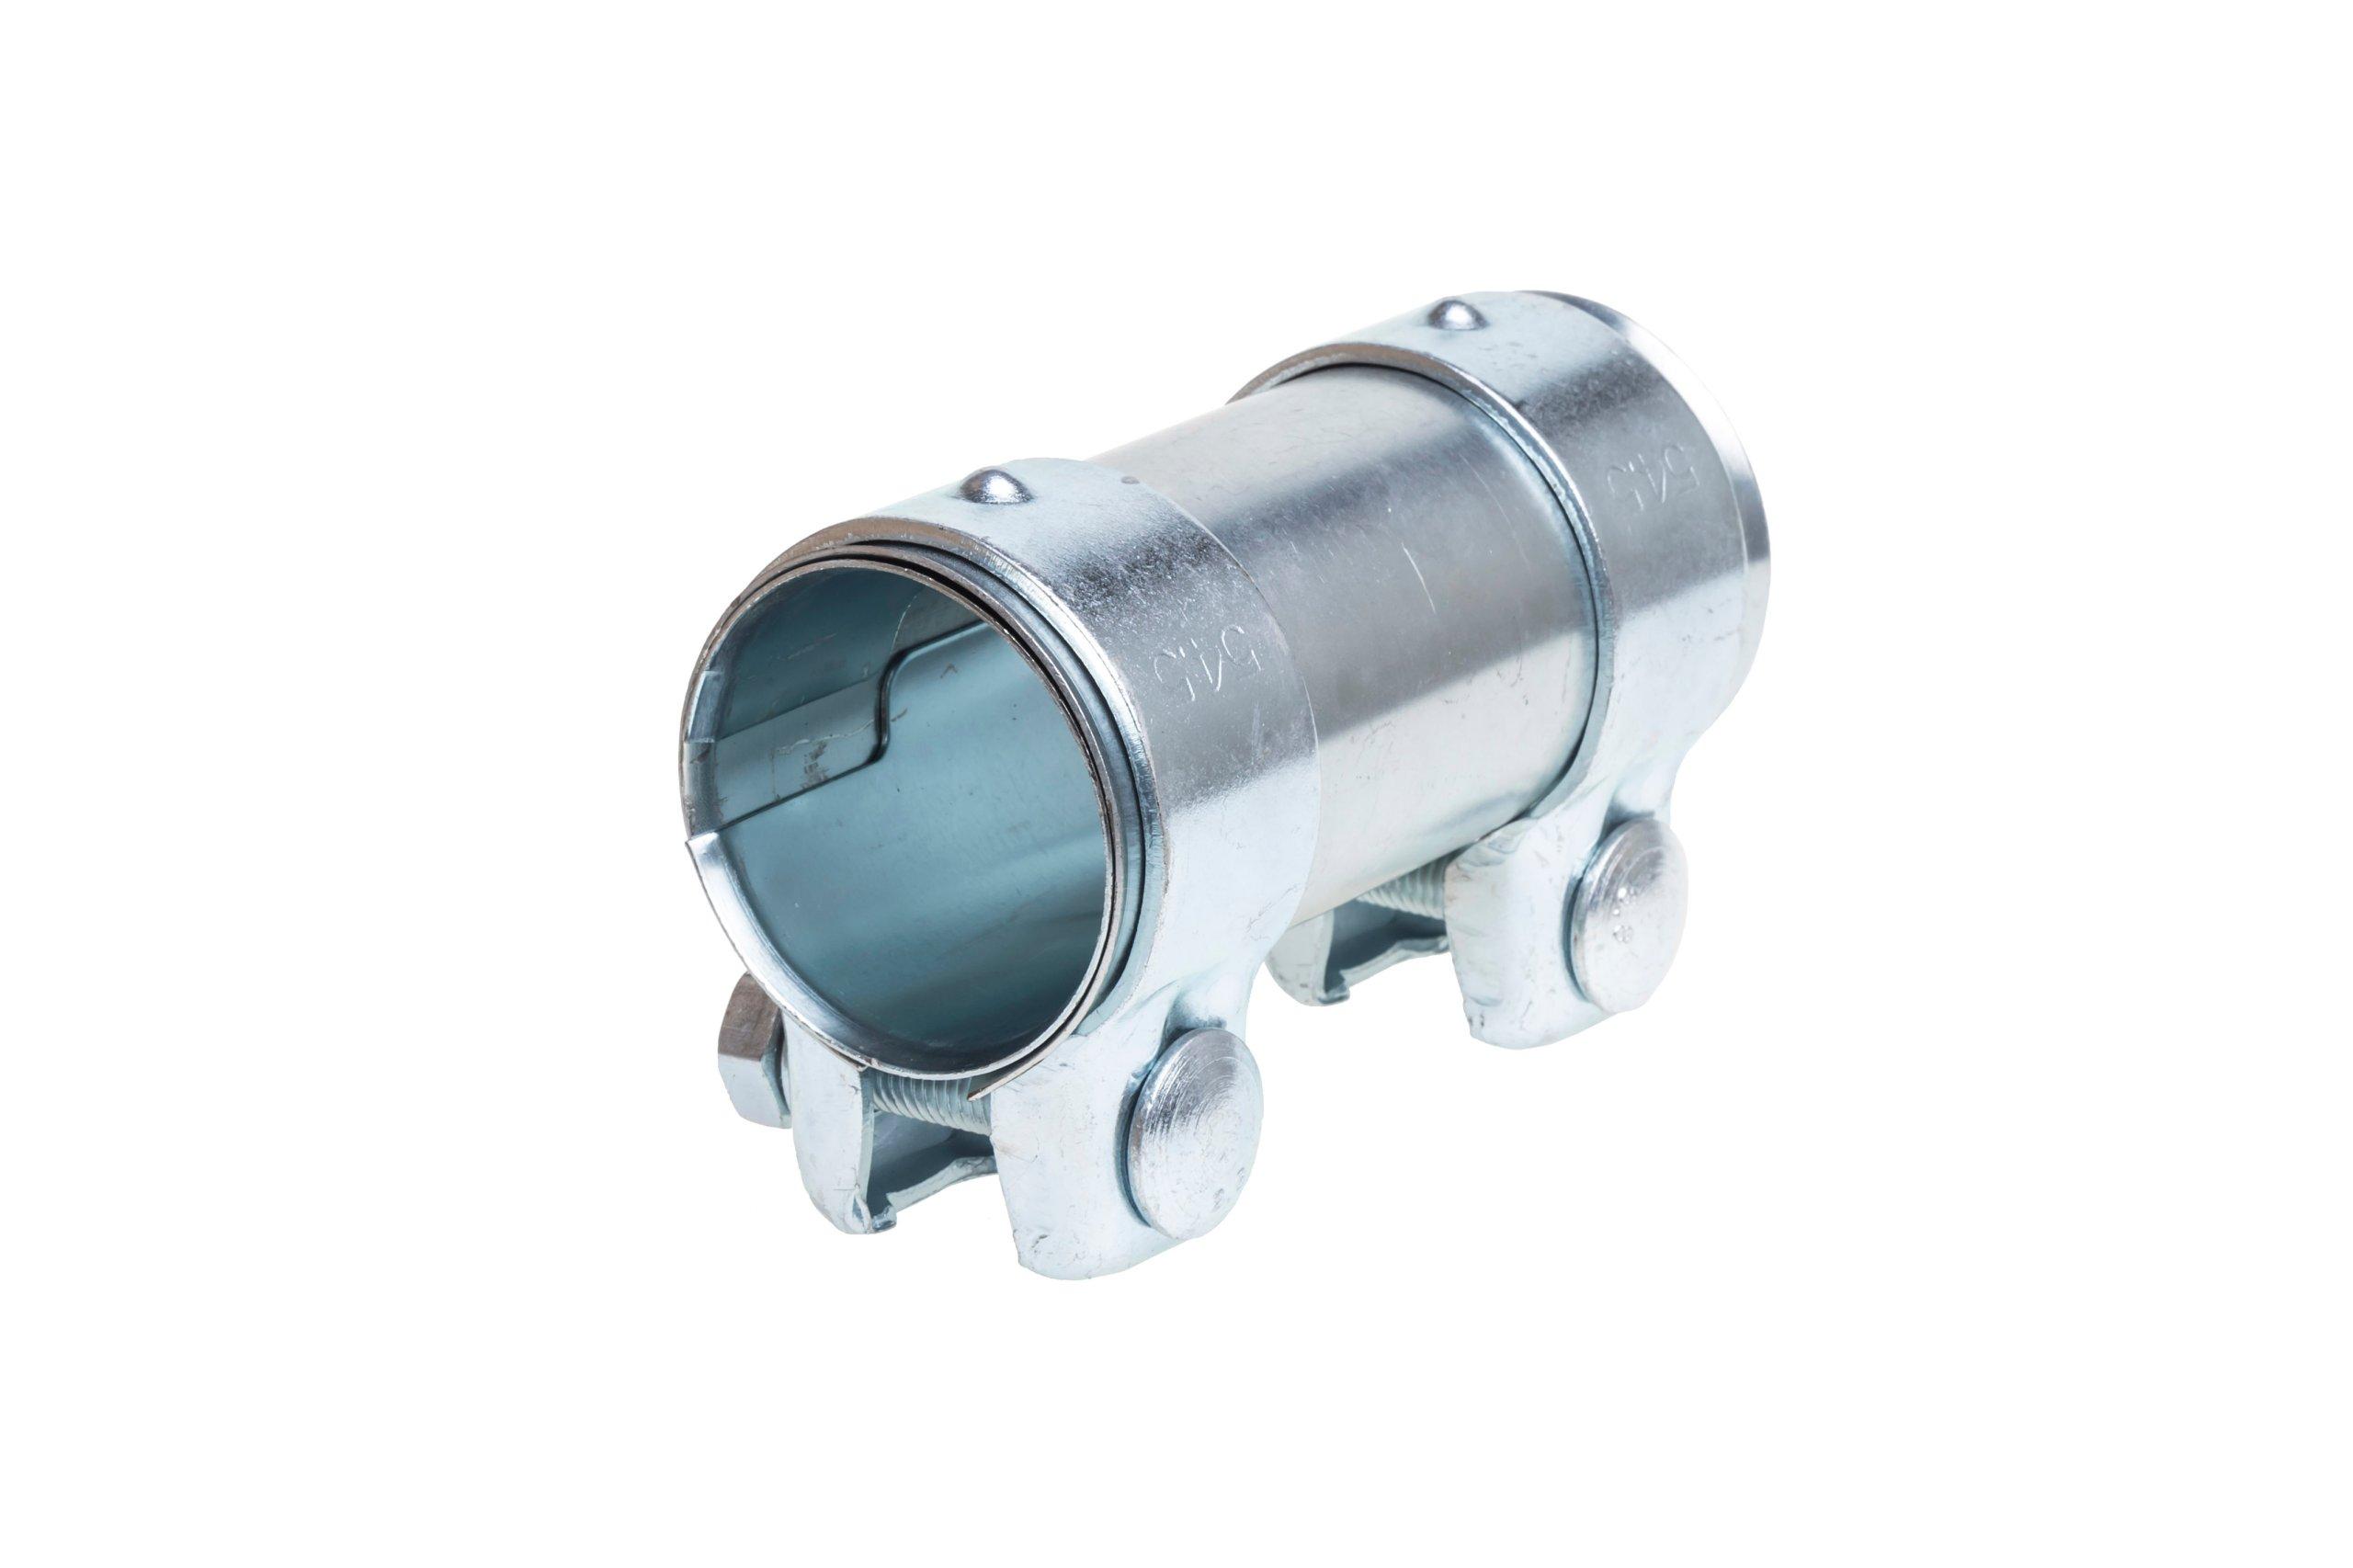 Соединитель выхлопной трубы, соединитель глушителя 50x125 мм